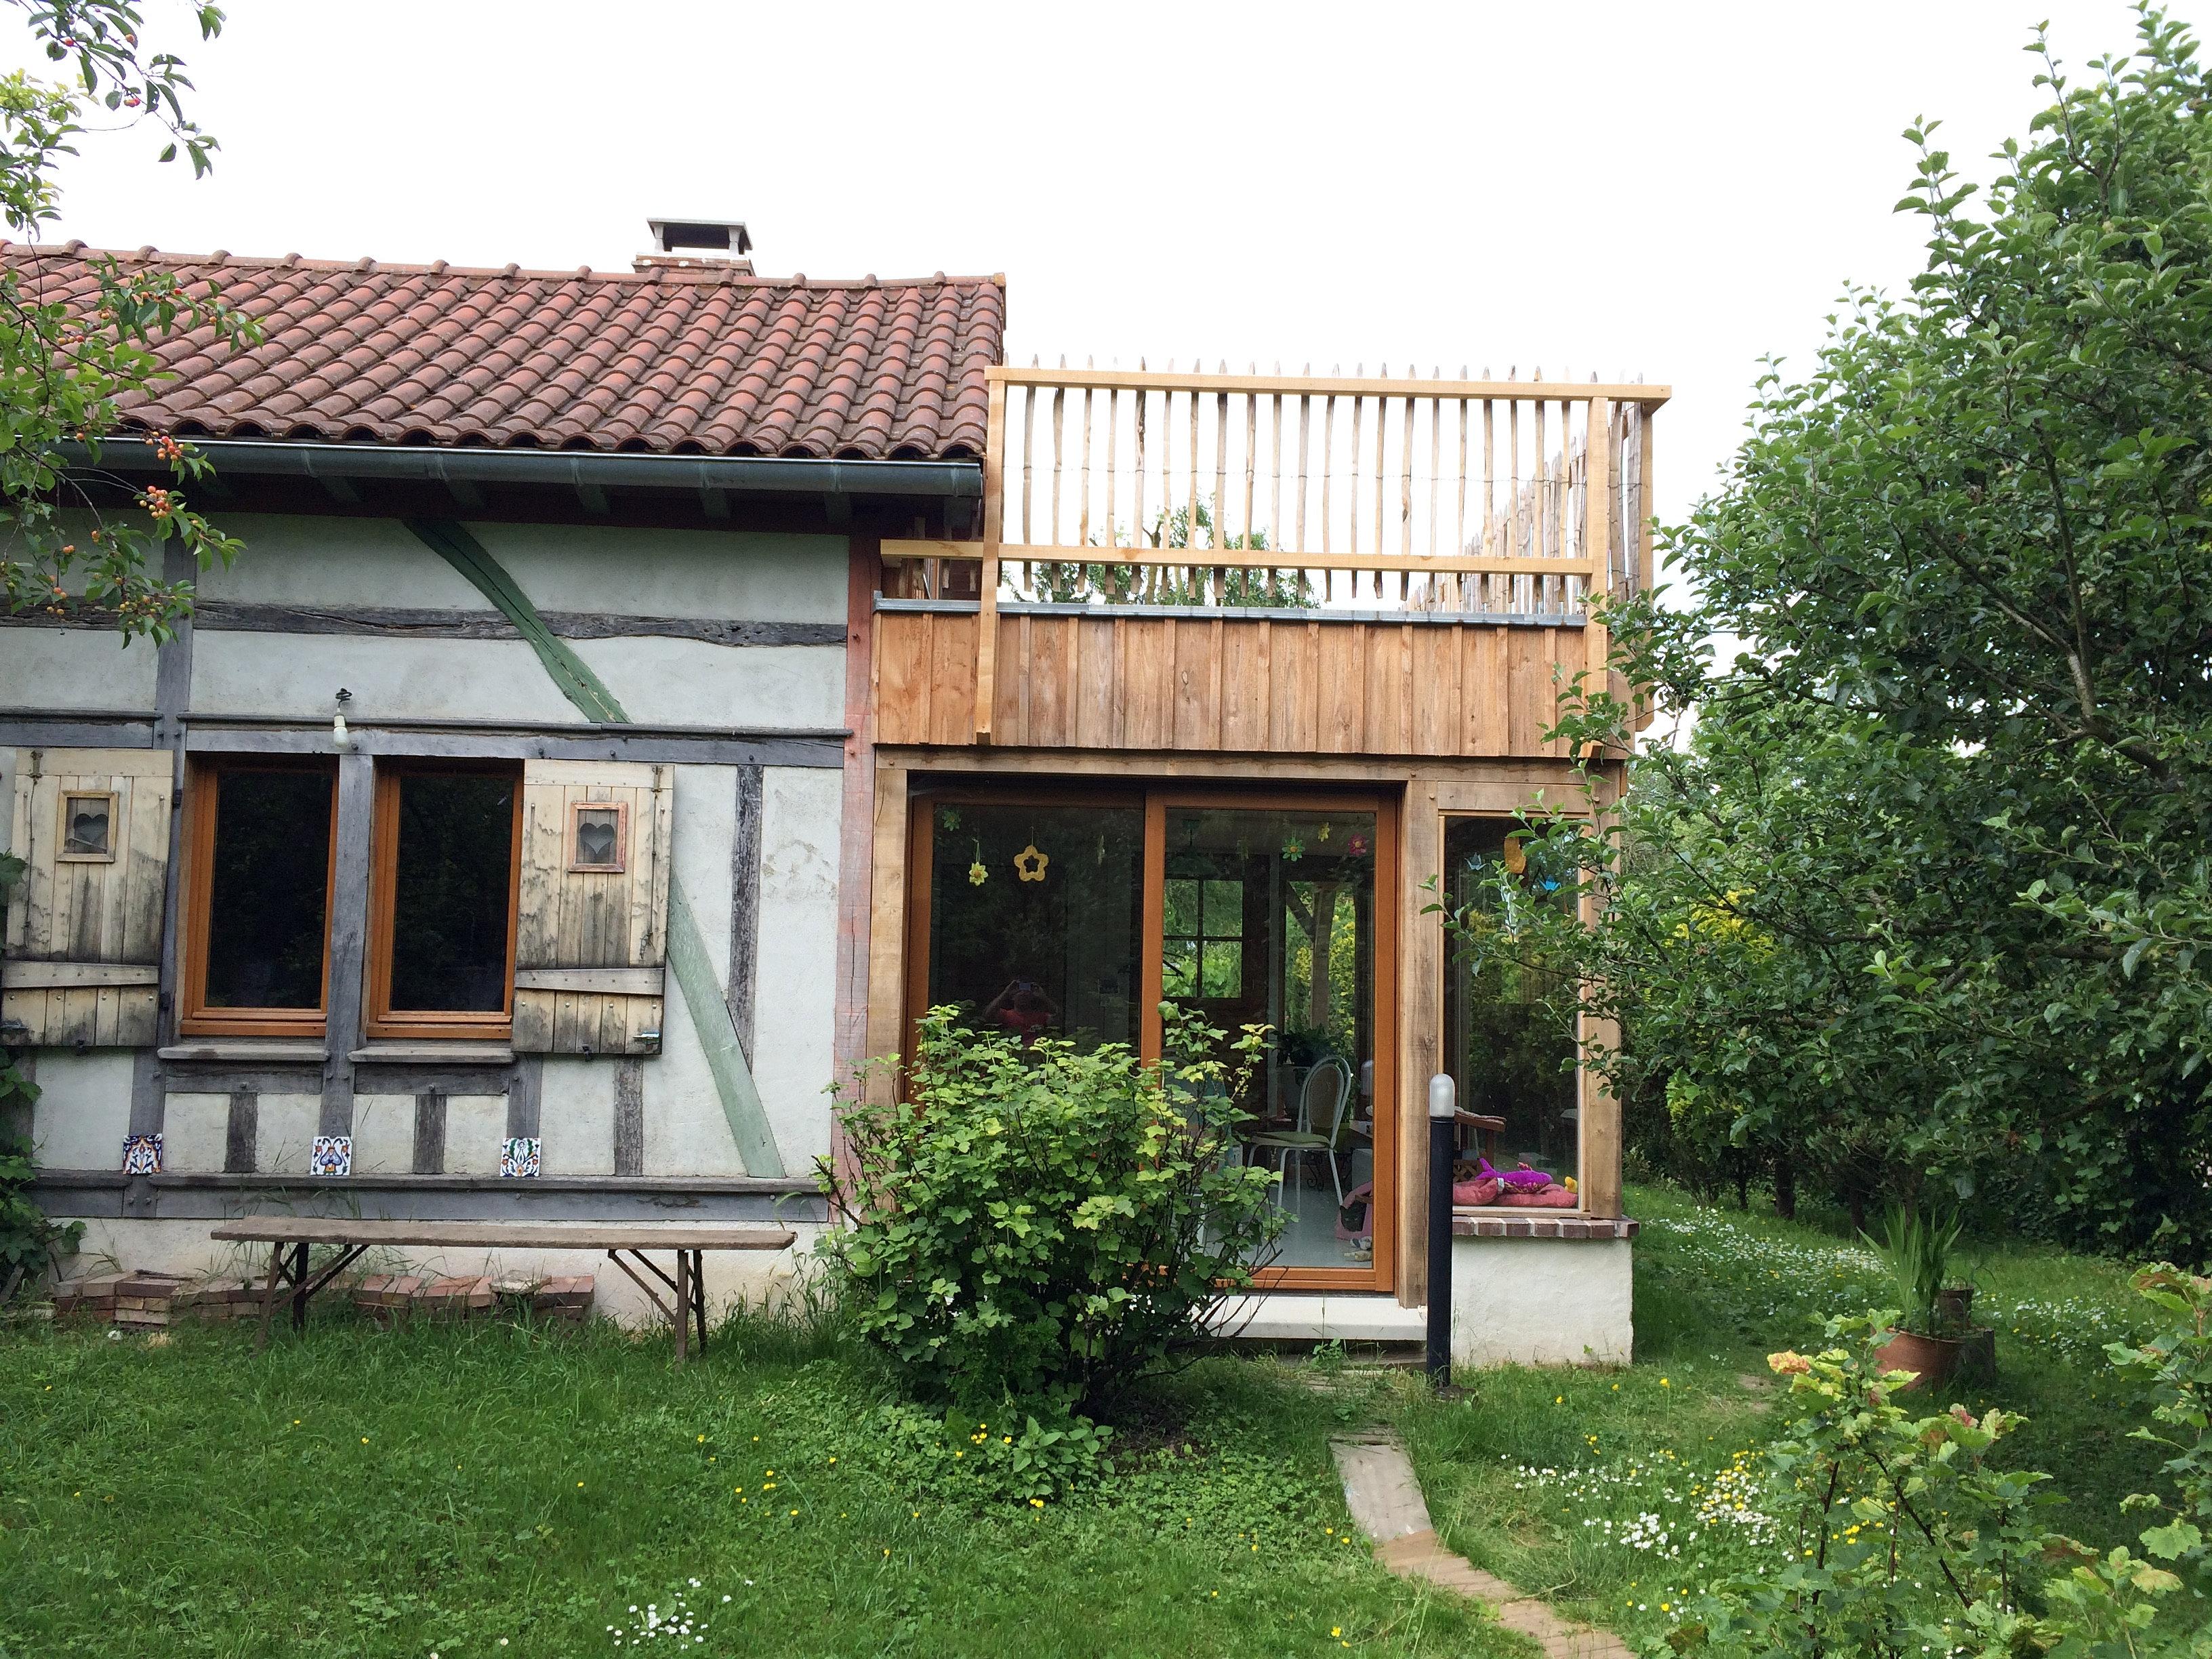 Hauteur terrasse bois - Darty porte de la villette ...